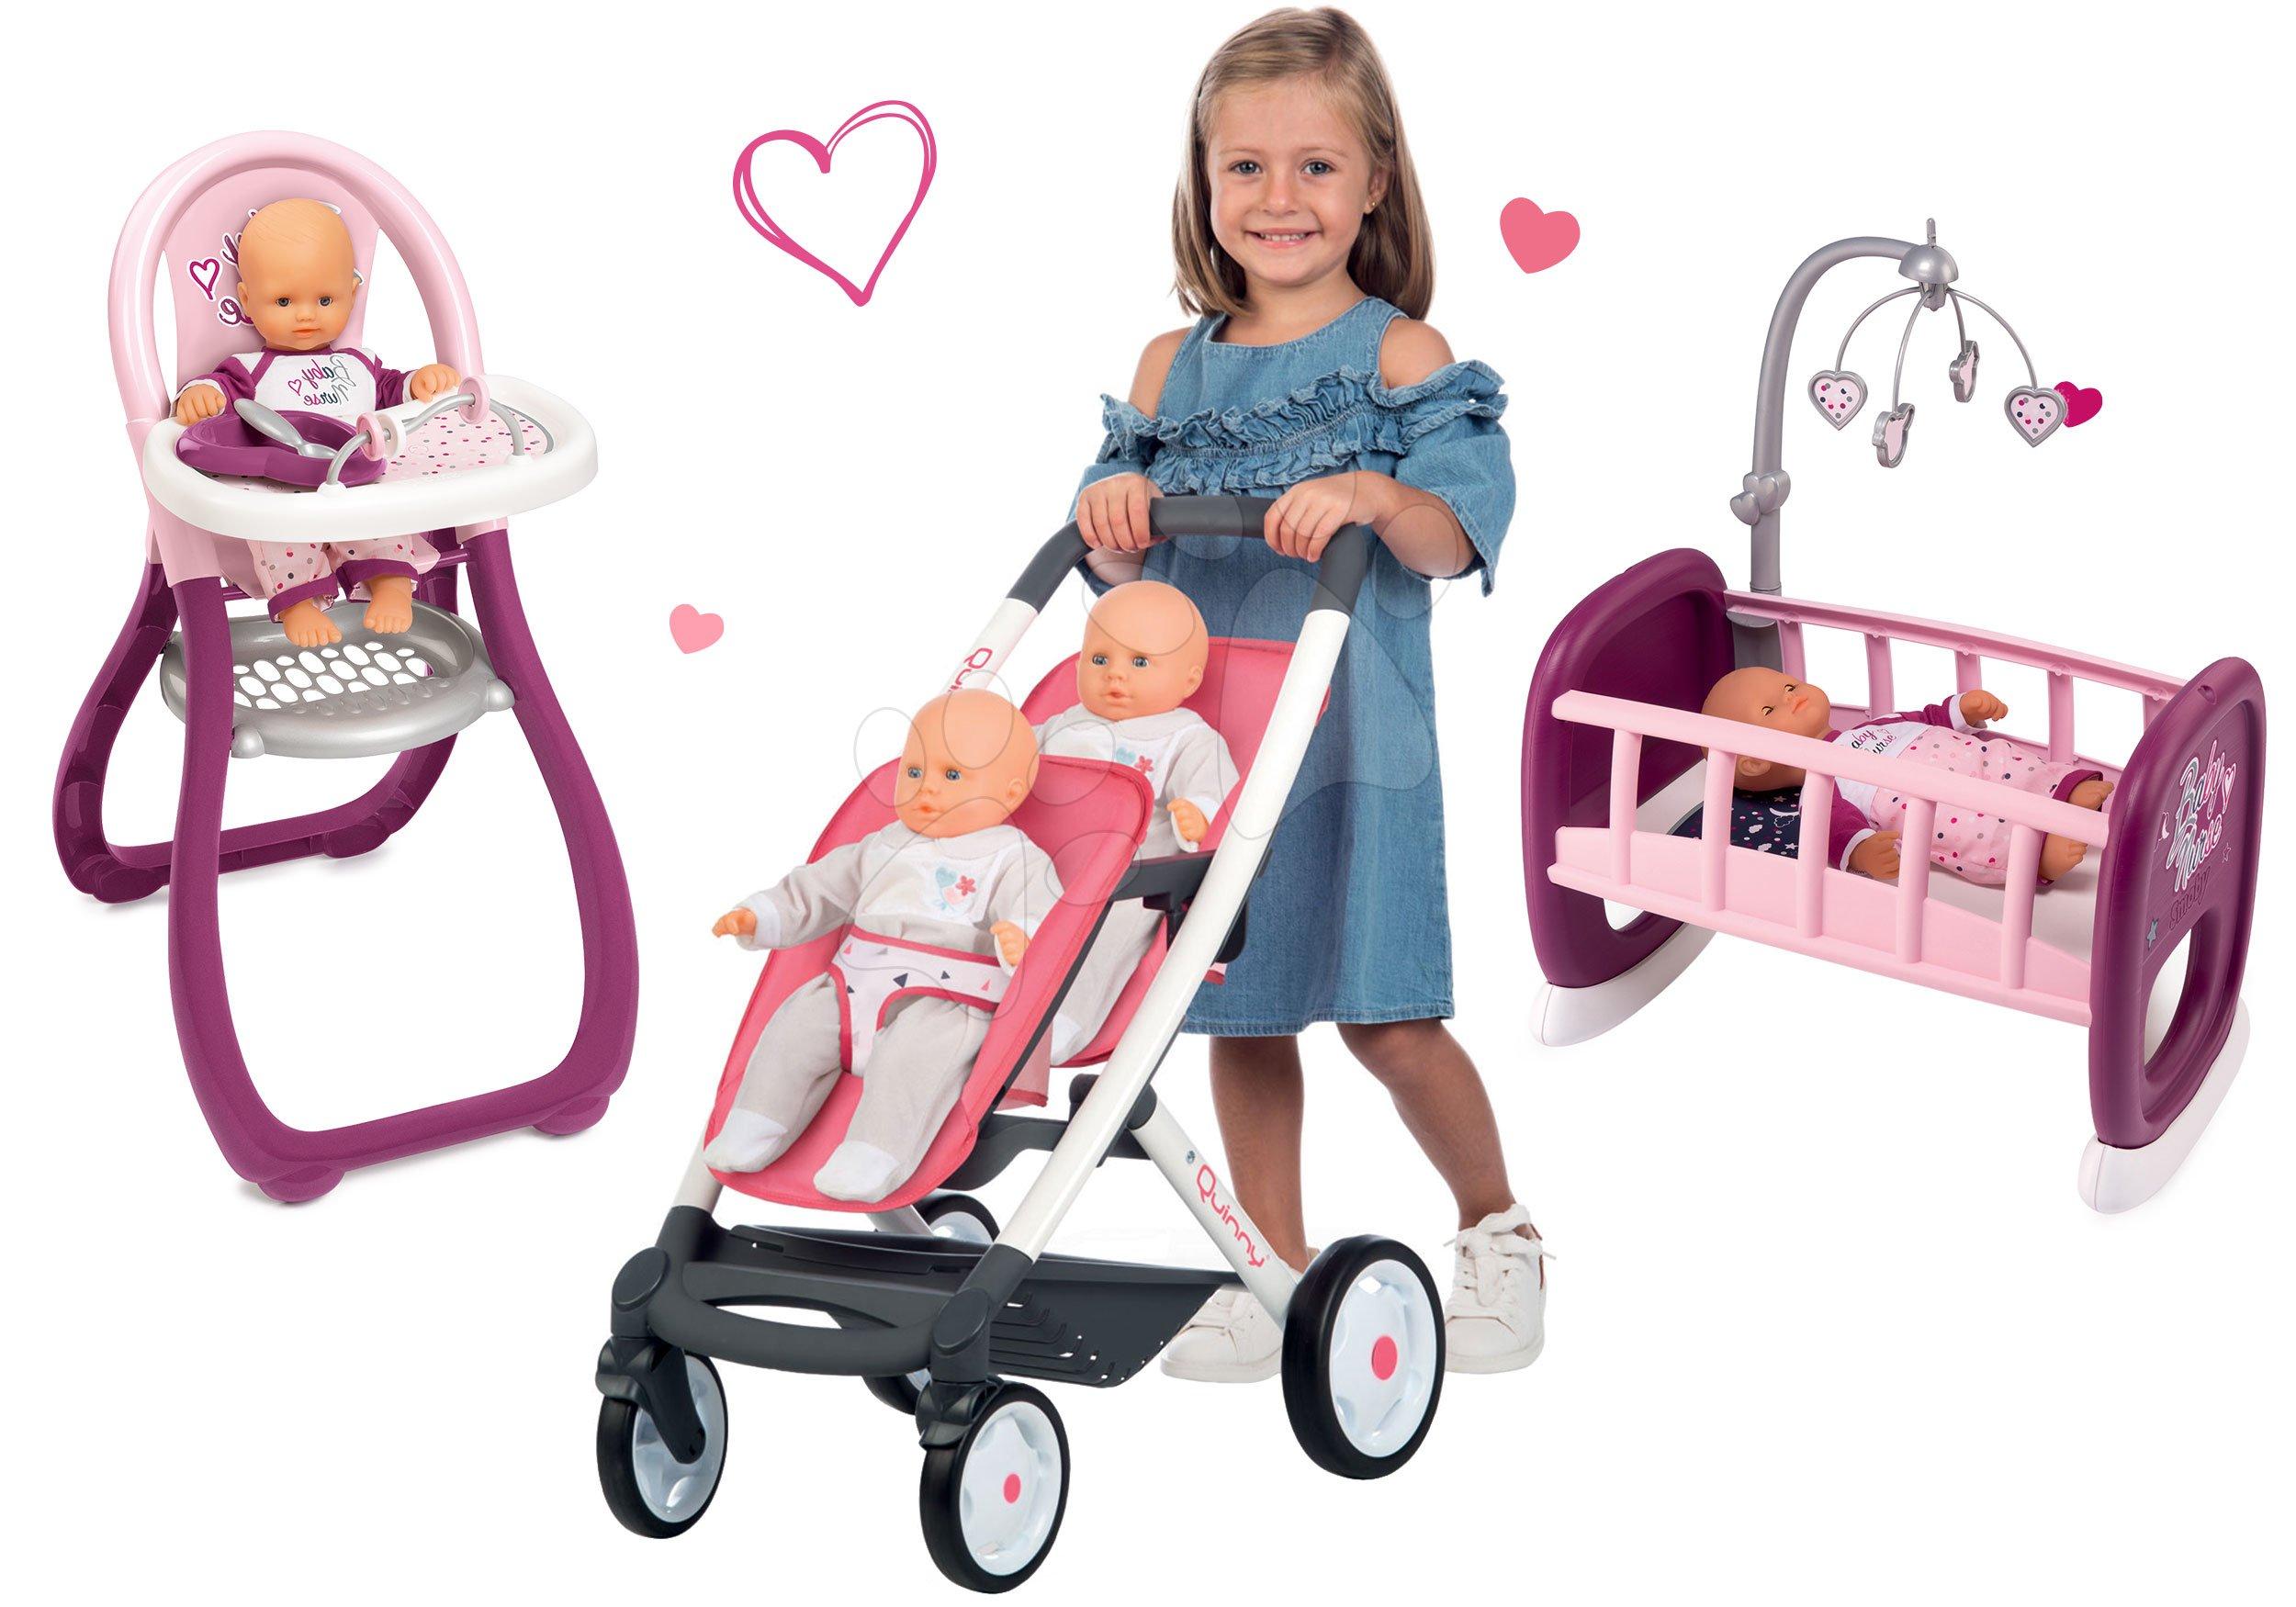 Set kočárek pro dvě panenky Twin Trio Pastel Maxi Cosi & Quinny Smoby a jídelní židle s kolébkou